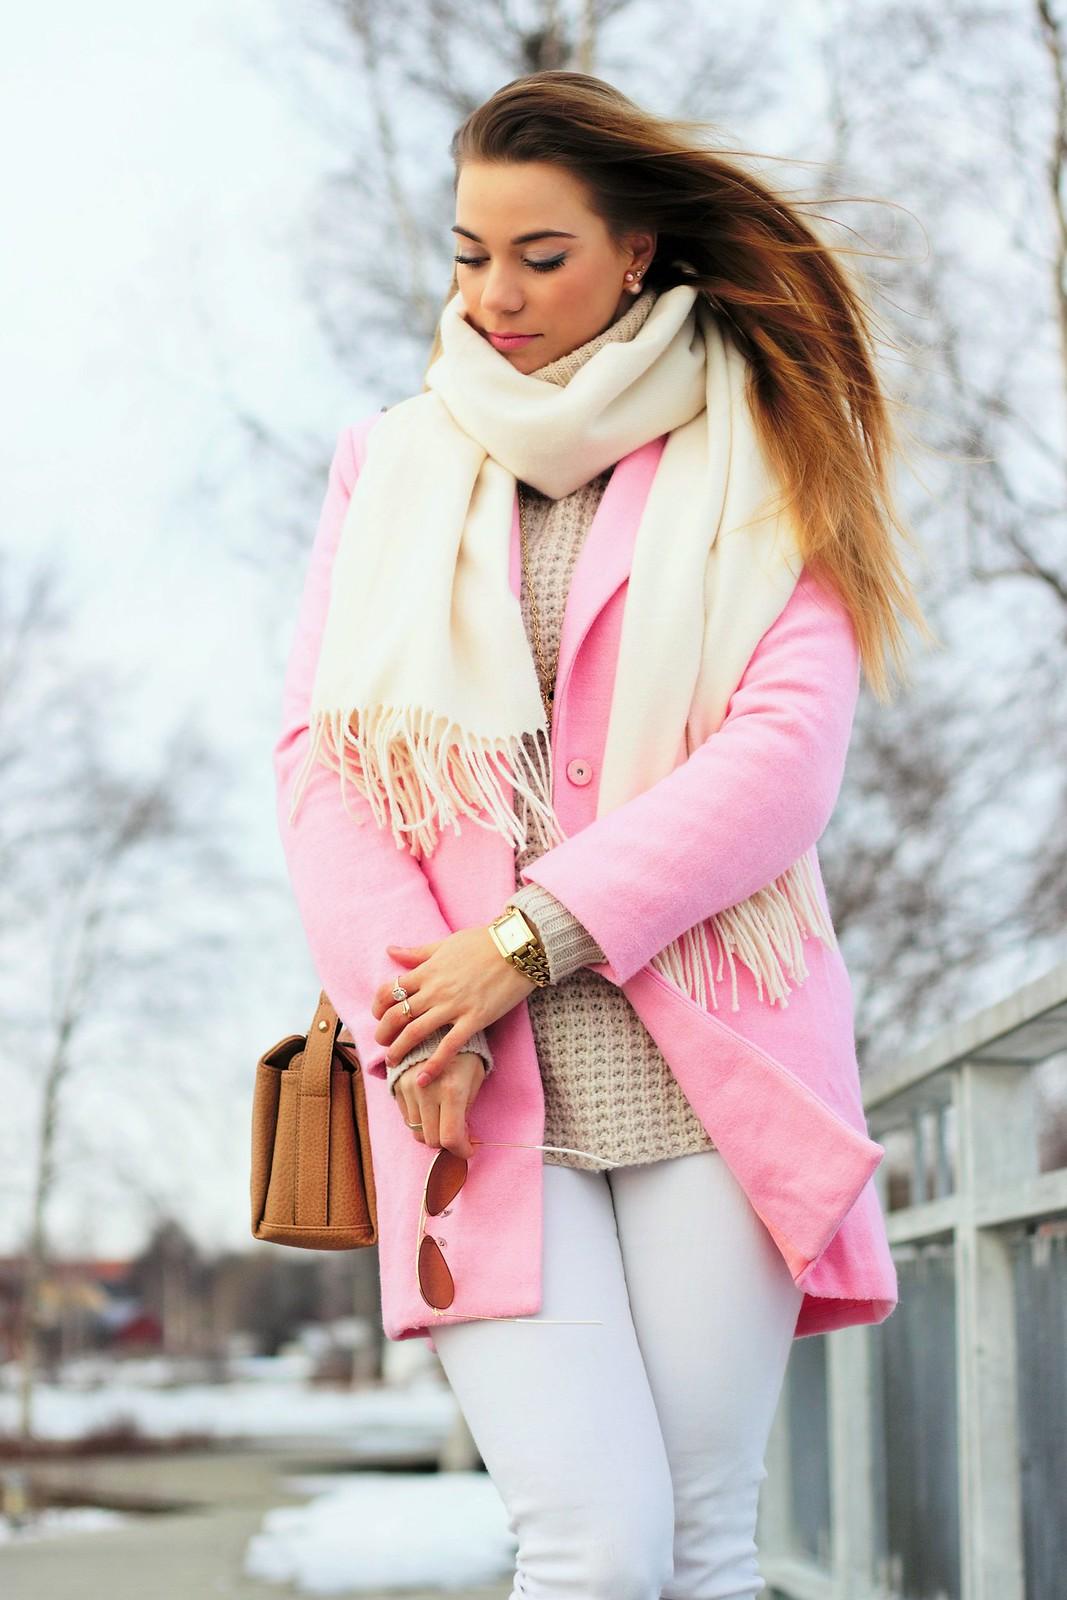 Vaaleanpunainen takki